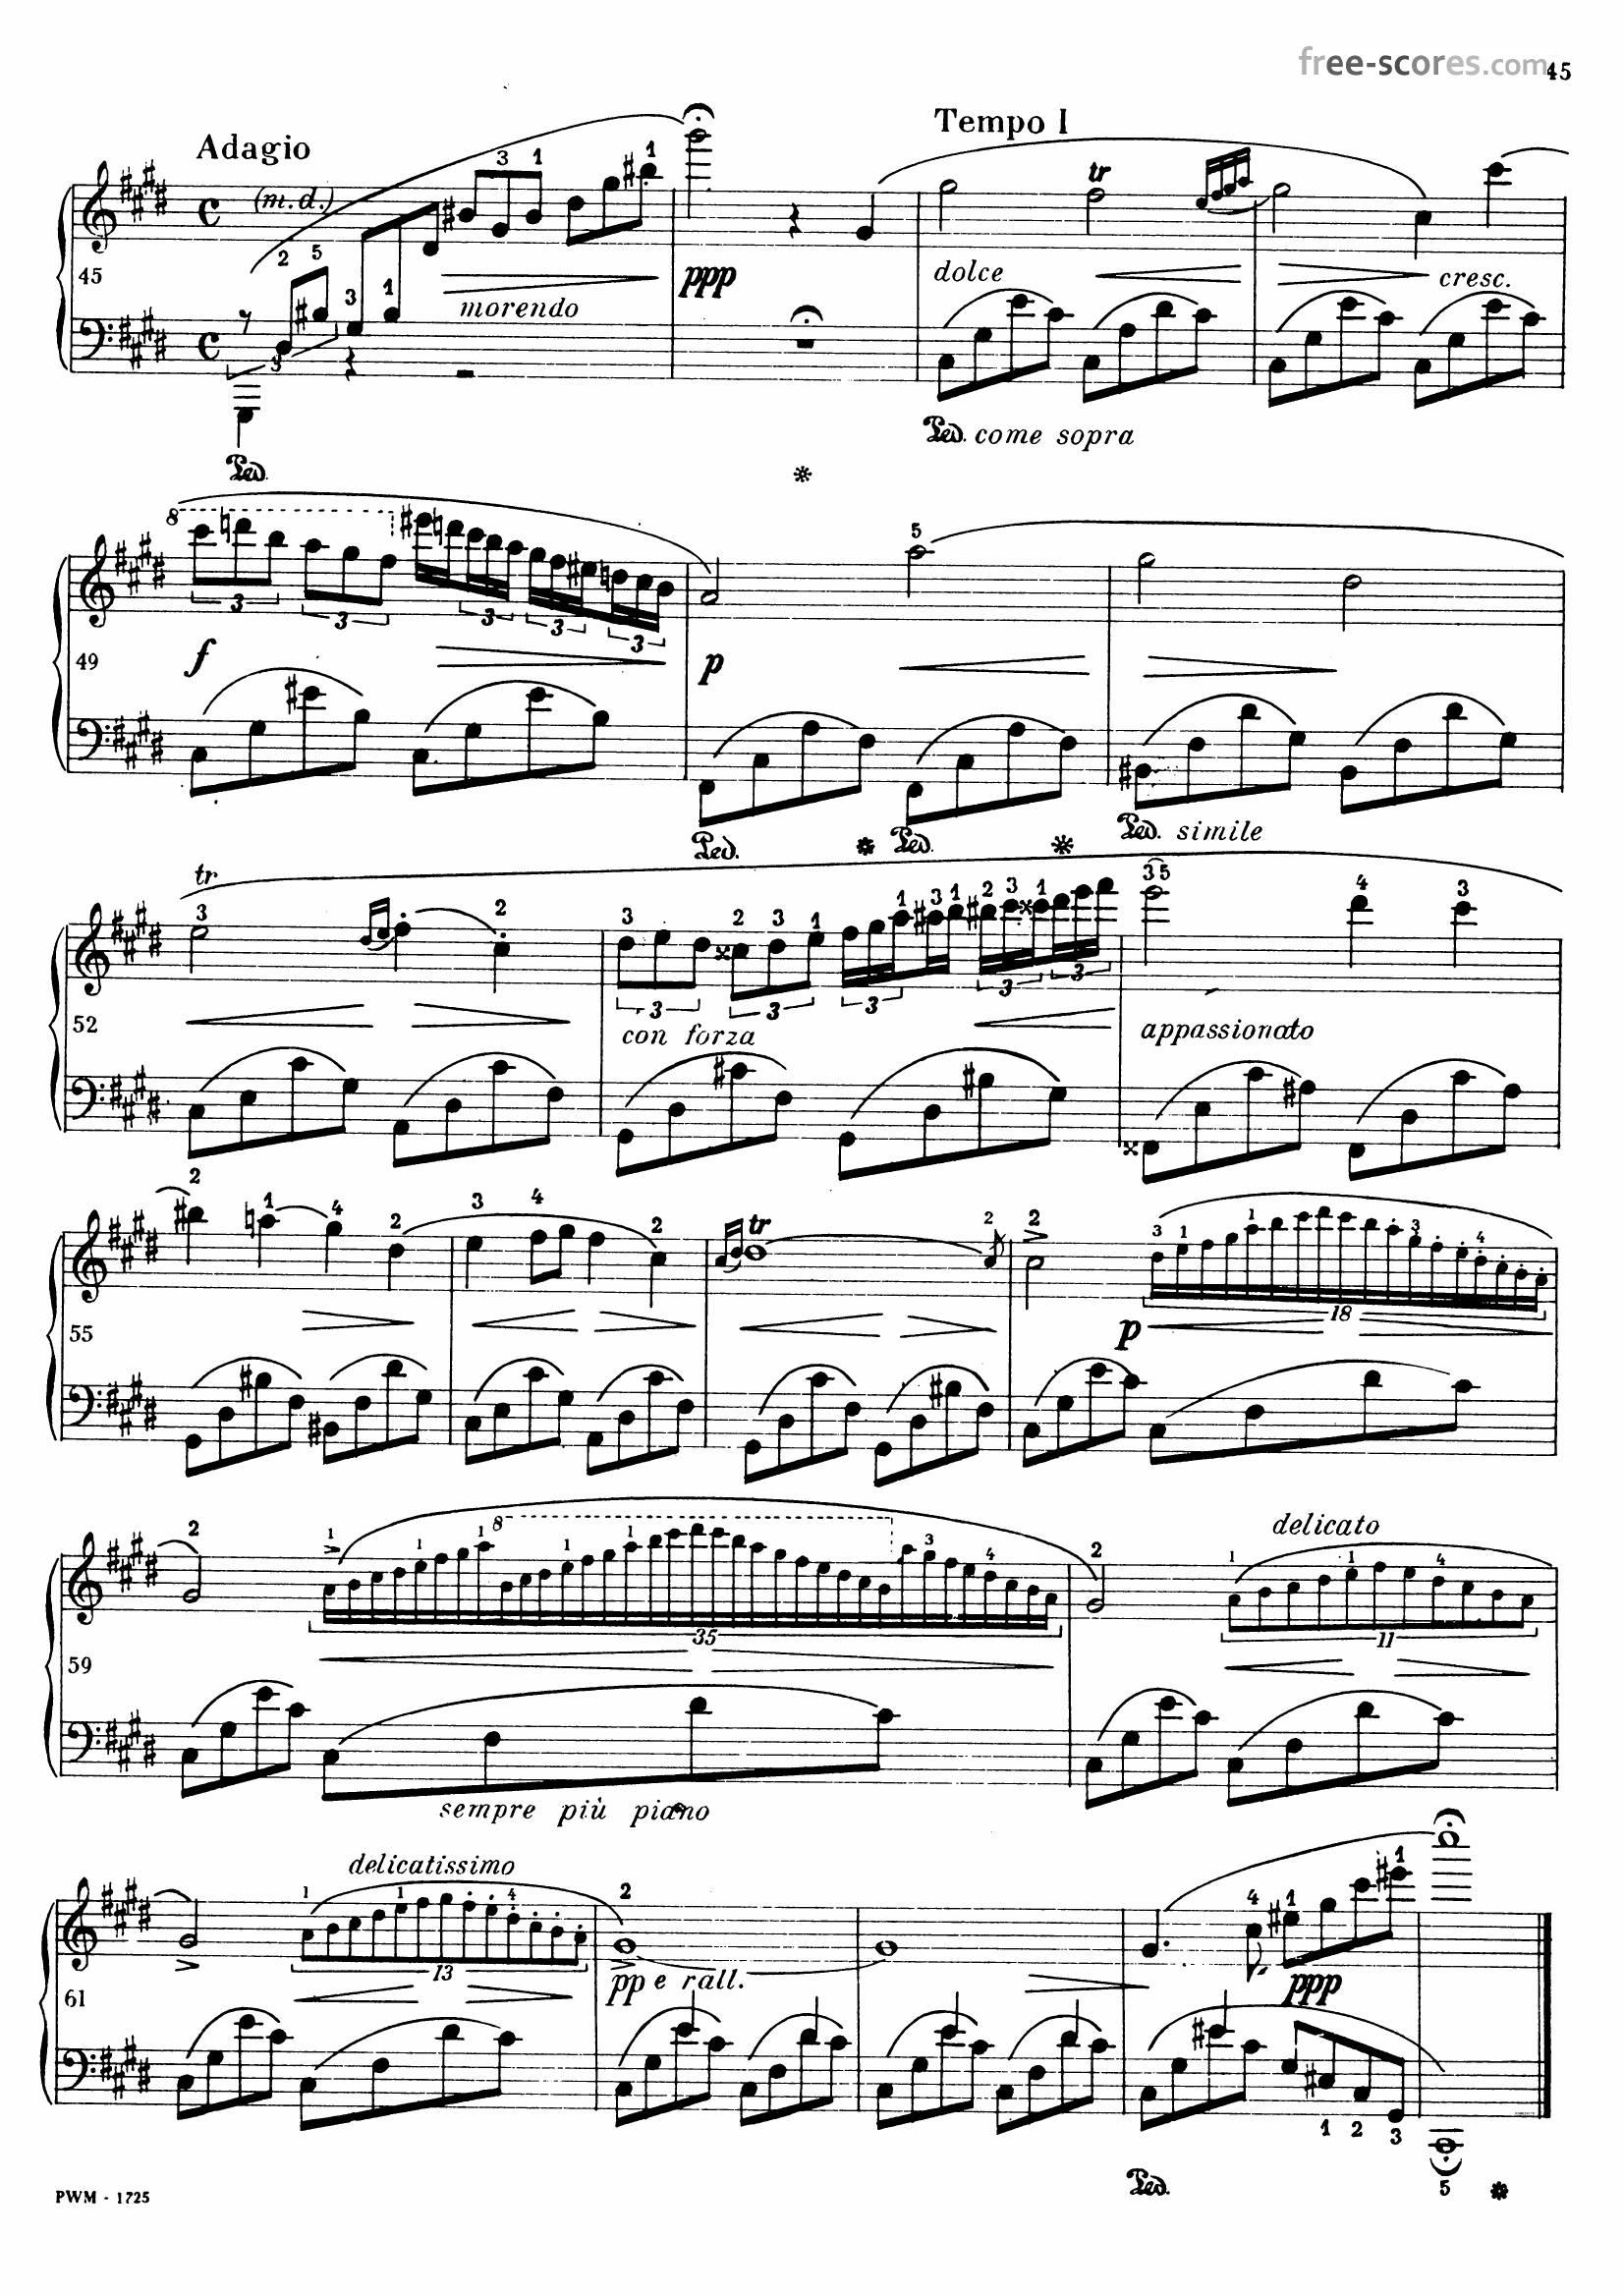 Chopin Nocturne c sharp minor3 - نت آهنگ Nocturne c sharp minor از Chopin